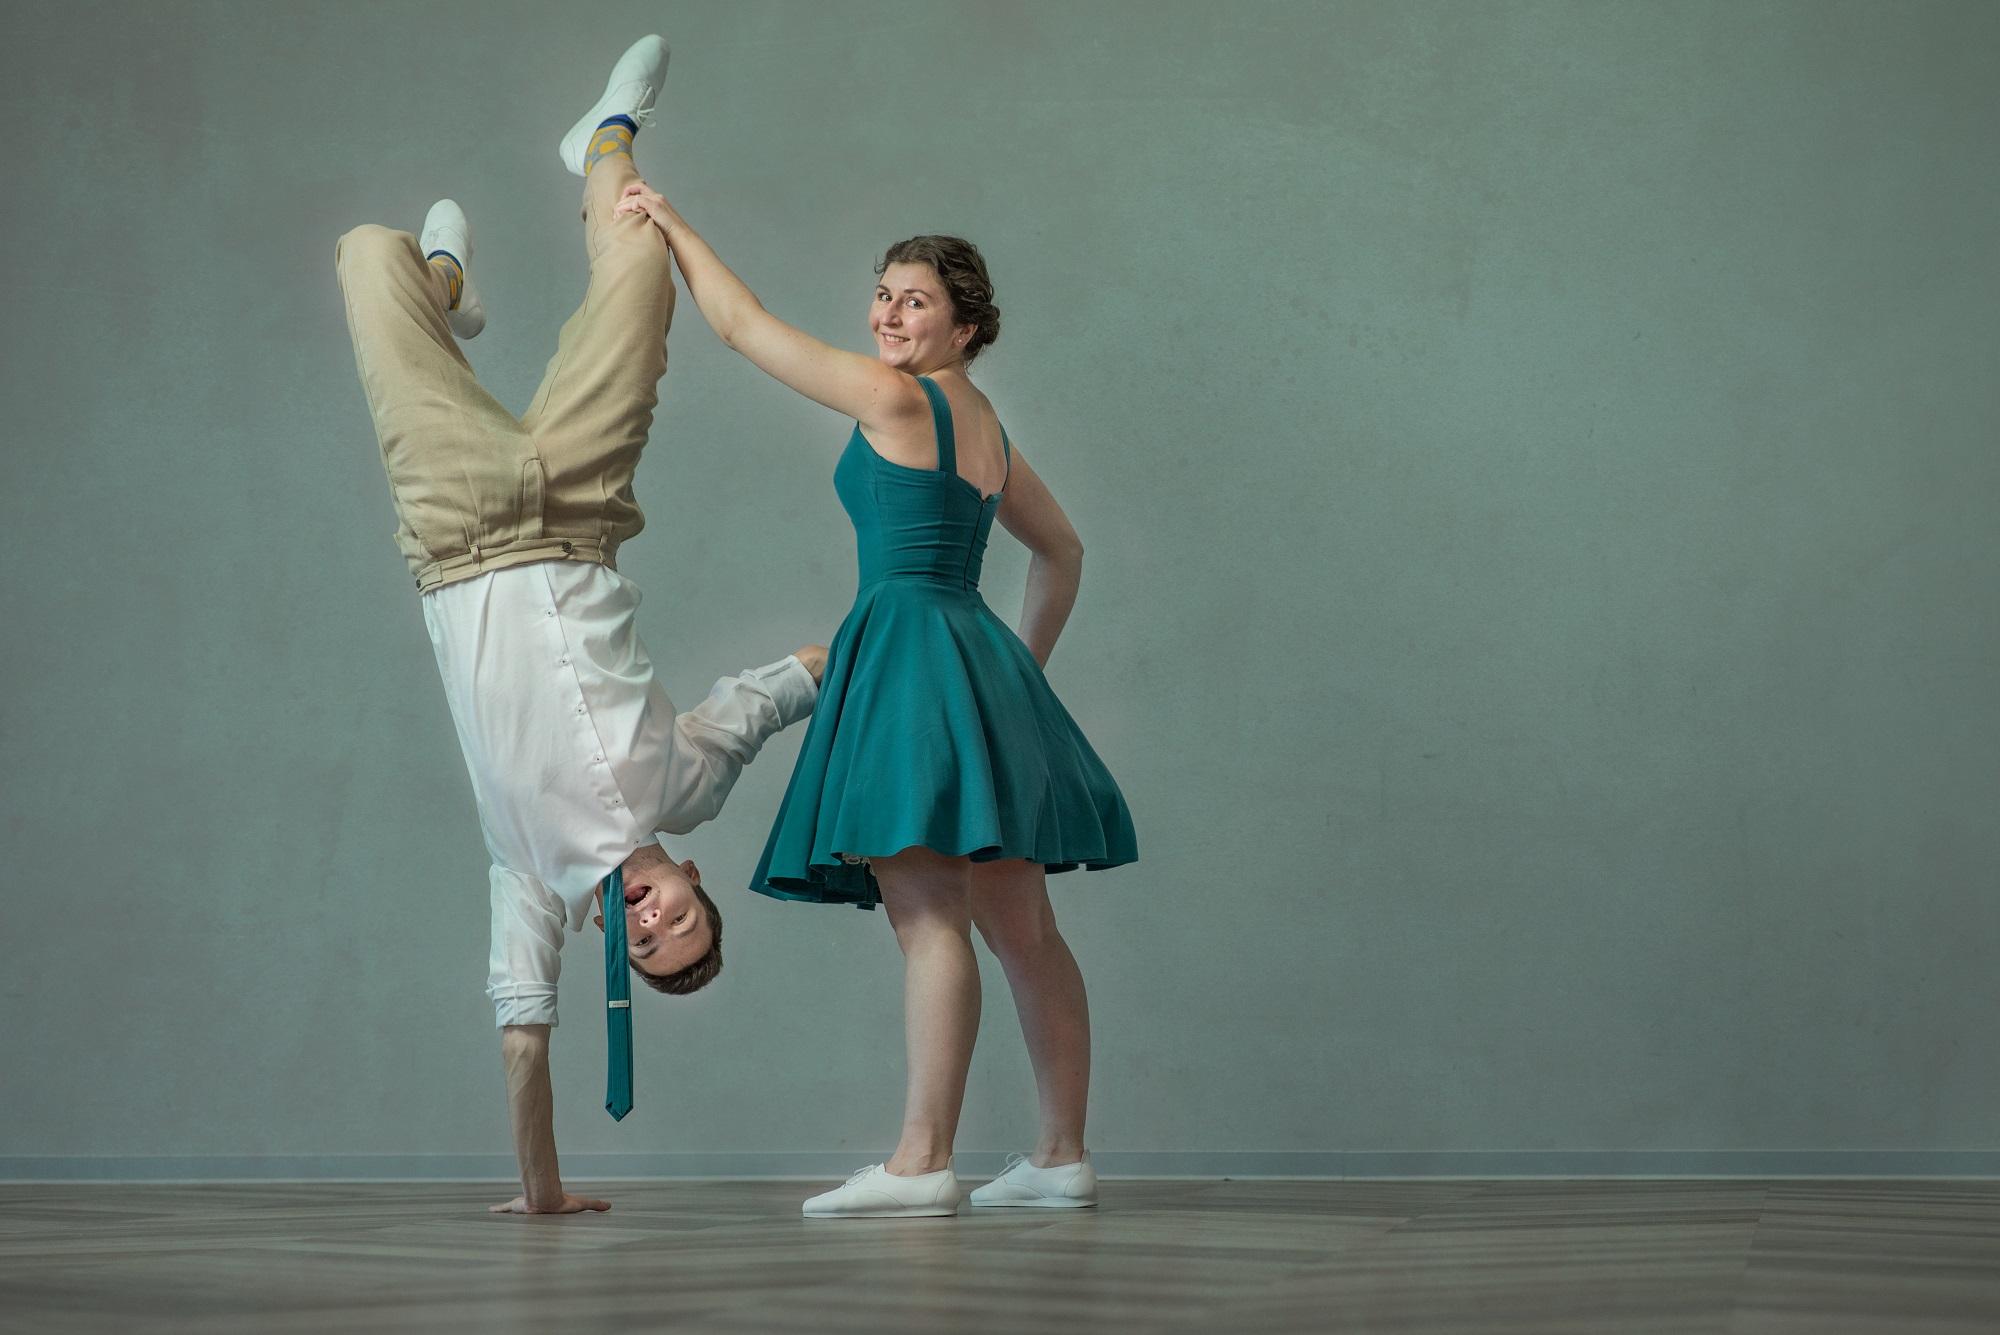 chłopak stoi na rękach, dziewczyna trzyma jego nogę